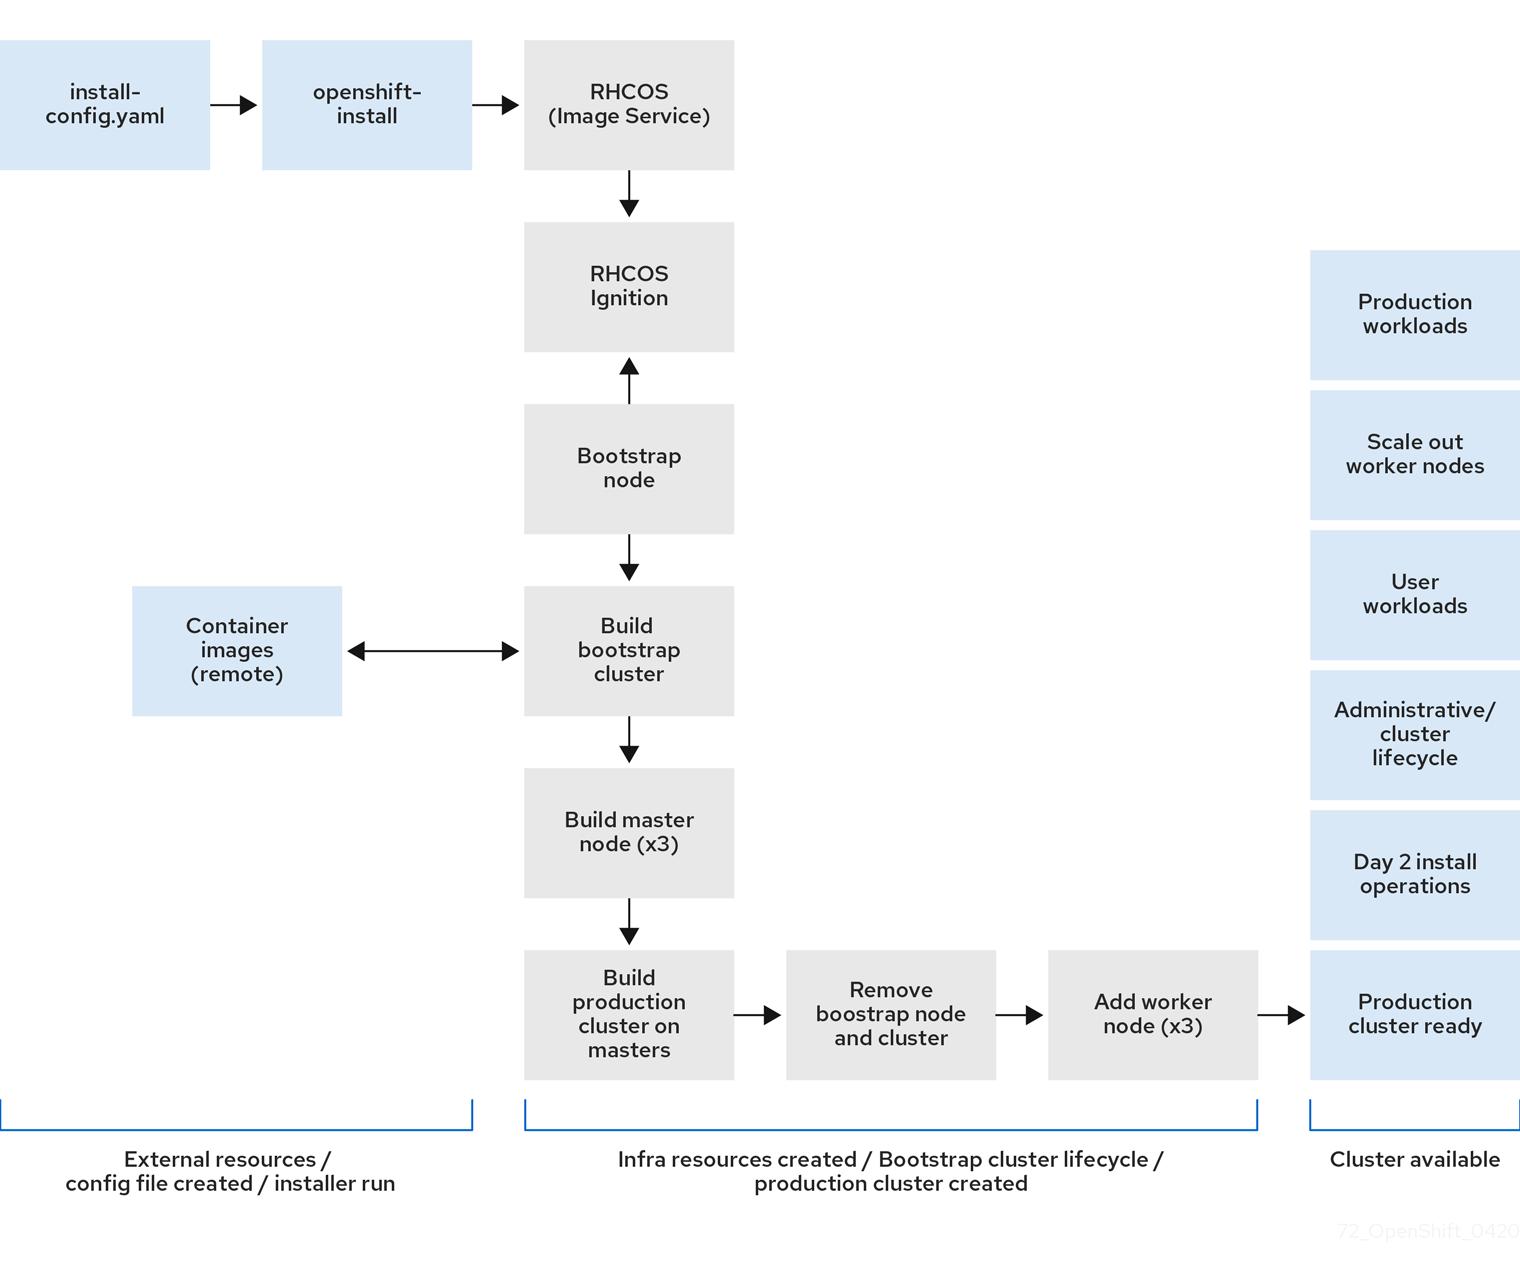 RHOCP インストーラーでプロビジョニングされるインフラストラクチャーのワークフロー